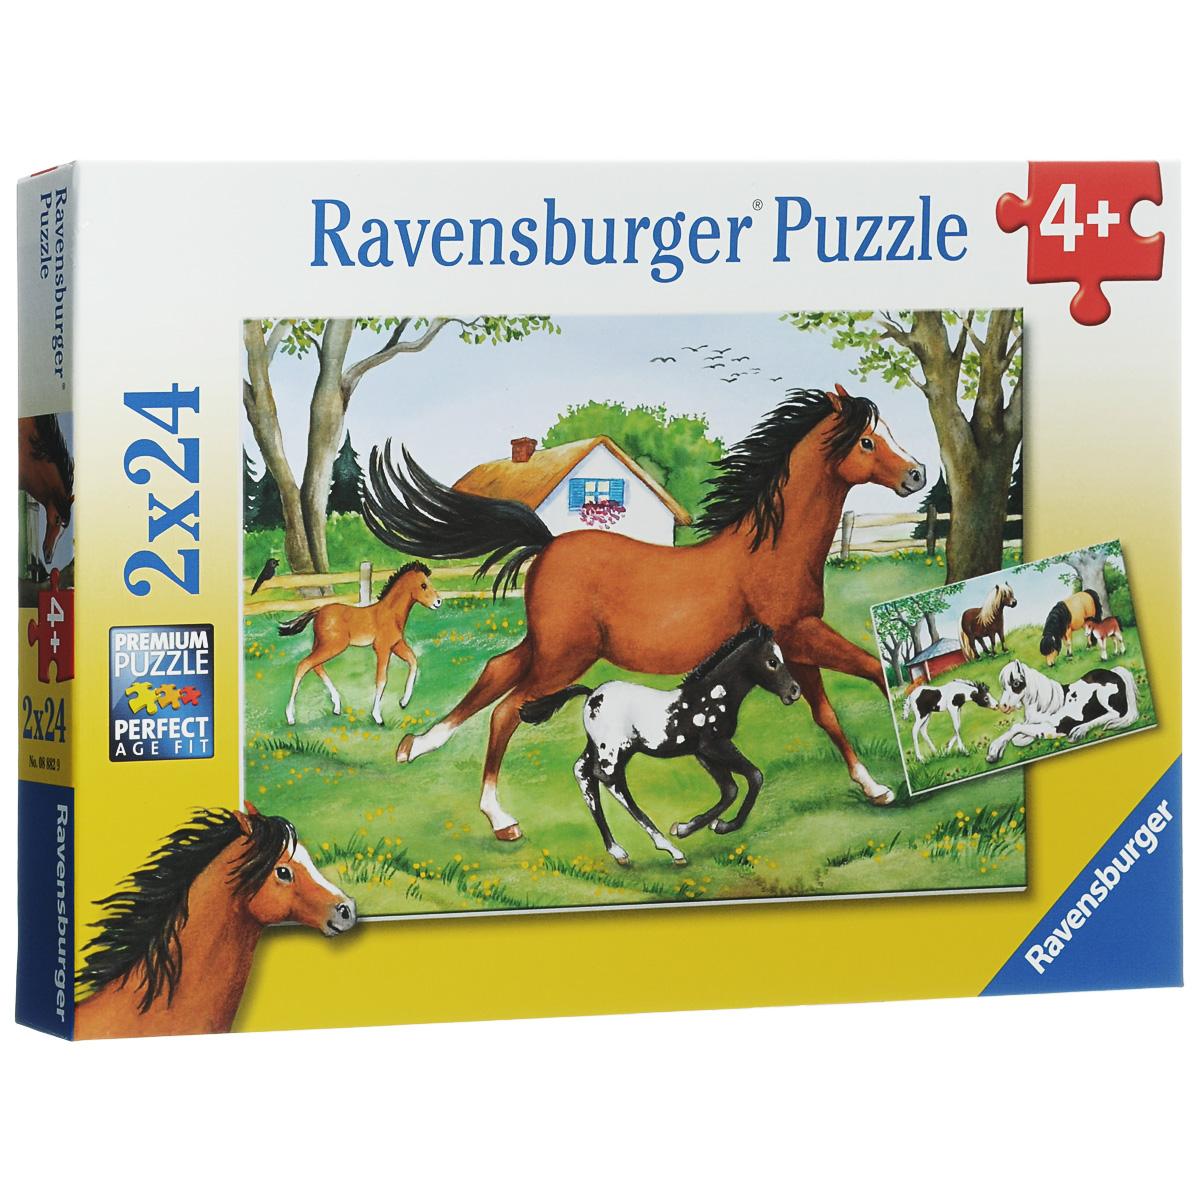 Ravensburger Мир лошадей. Пазл, 2 х 24 элемента08882Пазл Ravensburger Мир лошадей, несомненно, понравится вашему ребенку. Собрав пазлы, каждый из которых включает по 24 элемента, вы получите две красочные картинки с изображением лошадей. Пазл изготовлен из картона высочайшего качества. Каждая деталь имеет свою форму и подходит только на свое место. Все изображения аккуратно отсканированы и напечатаны на ламинированной бумаге. Пазлы - замечательная развивающая игра для детей. Собирание пазла развивает у ребенка мелкую моторику рук, тренирует наблюдательность, логическое мышление, знакомит с окружающим миром, с цветом и разнообразными формами, учит усидчивости и терпению, аккуратности и вниманию.